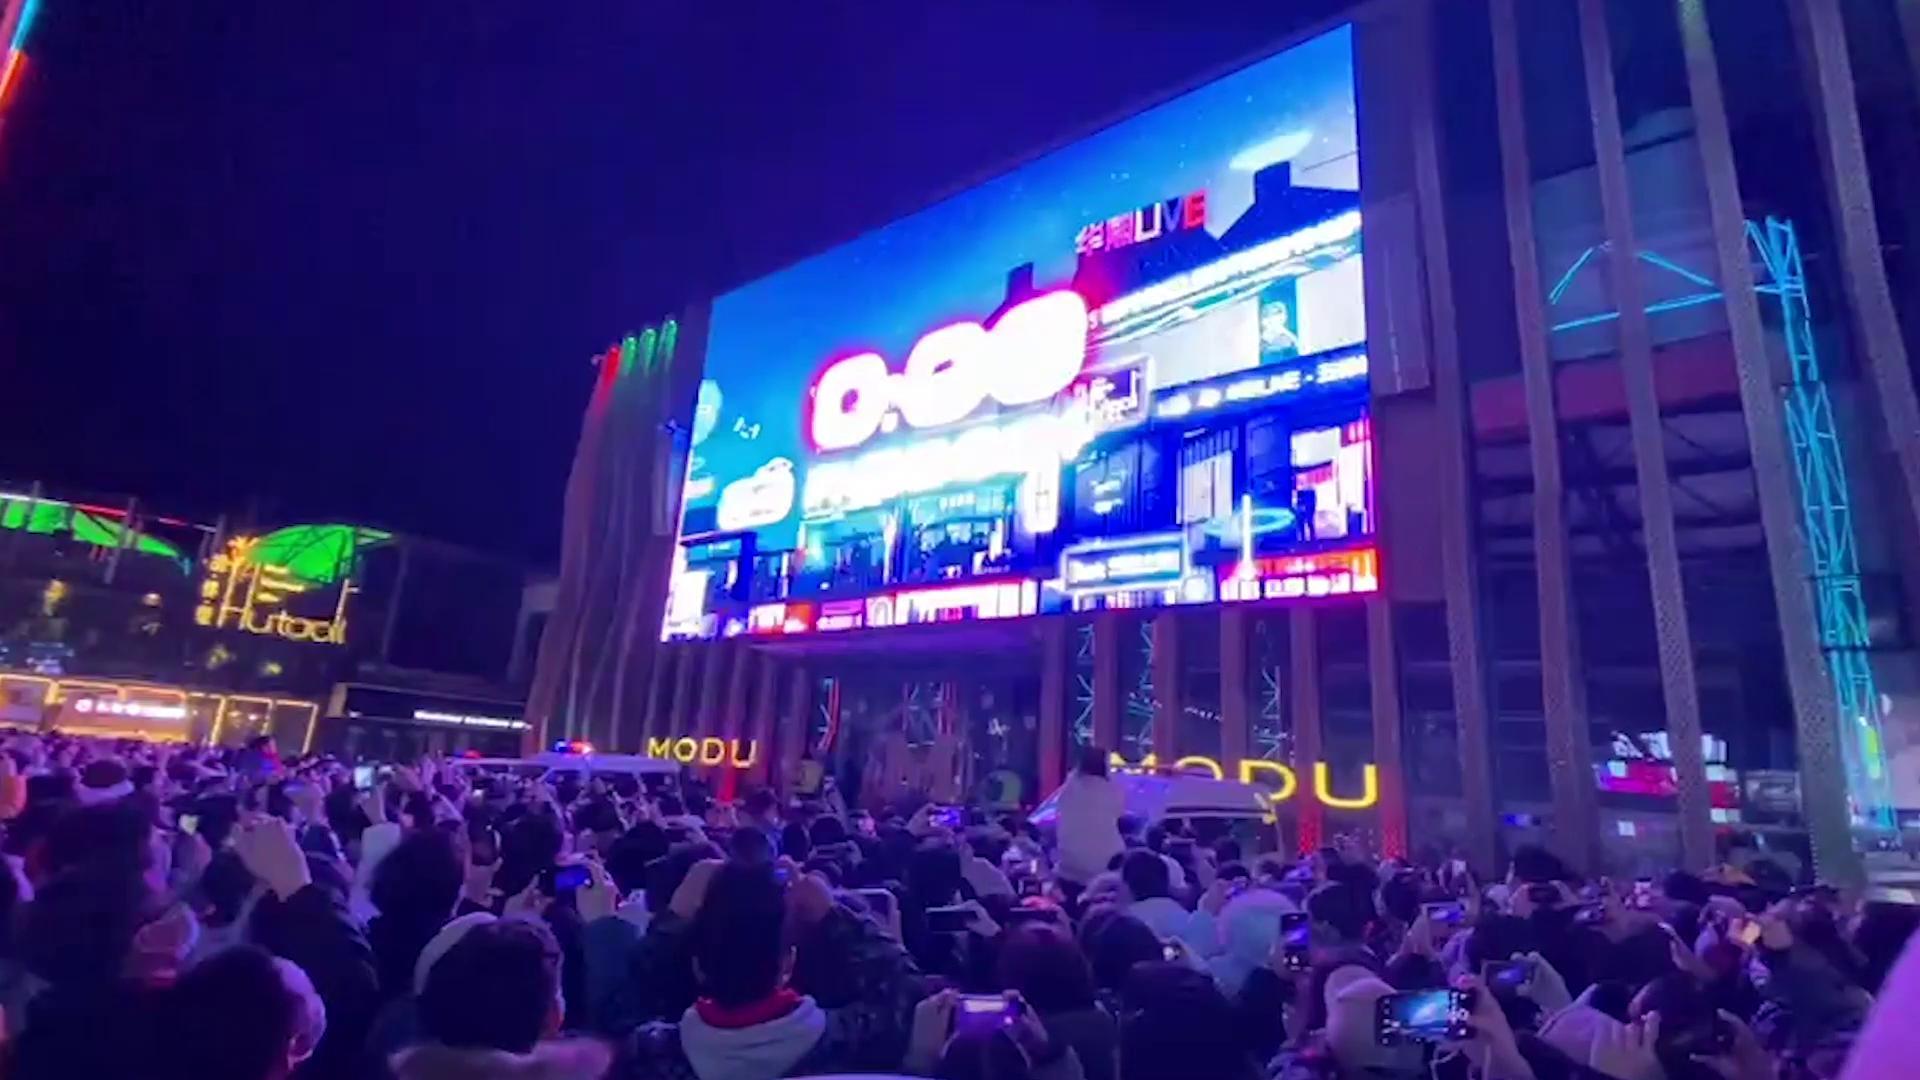 蝶变-2020年的北京商业